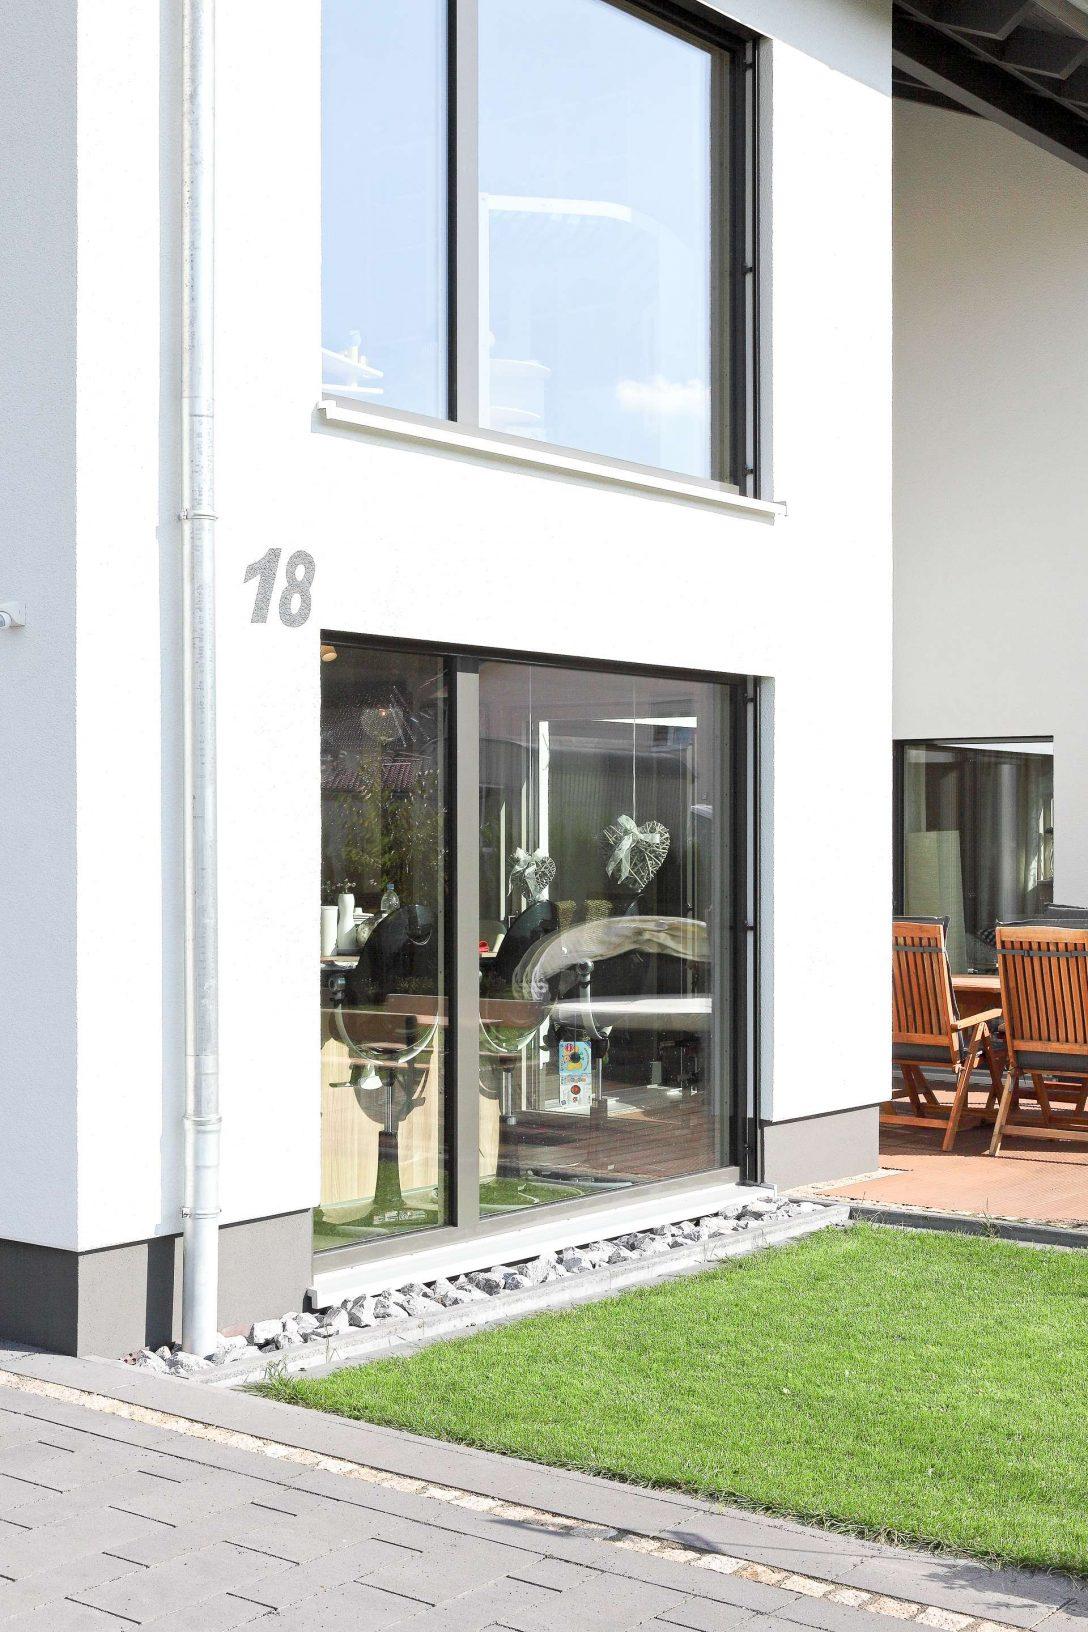 Large Size of Welche Fenster Holz Alu Kunststoff Preise Pro Qm Aluminium Kunststofffenster Preisvergleich Kosten Holz Alu Fenster Kaufen Kostenvergleich Holz Aluminium Fenster Fenster Holz Alu